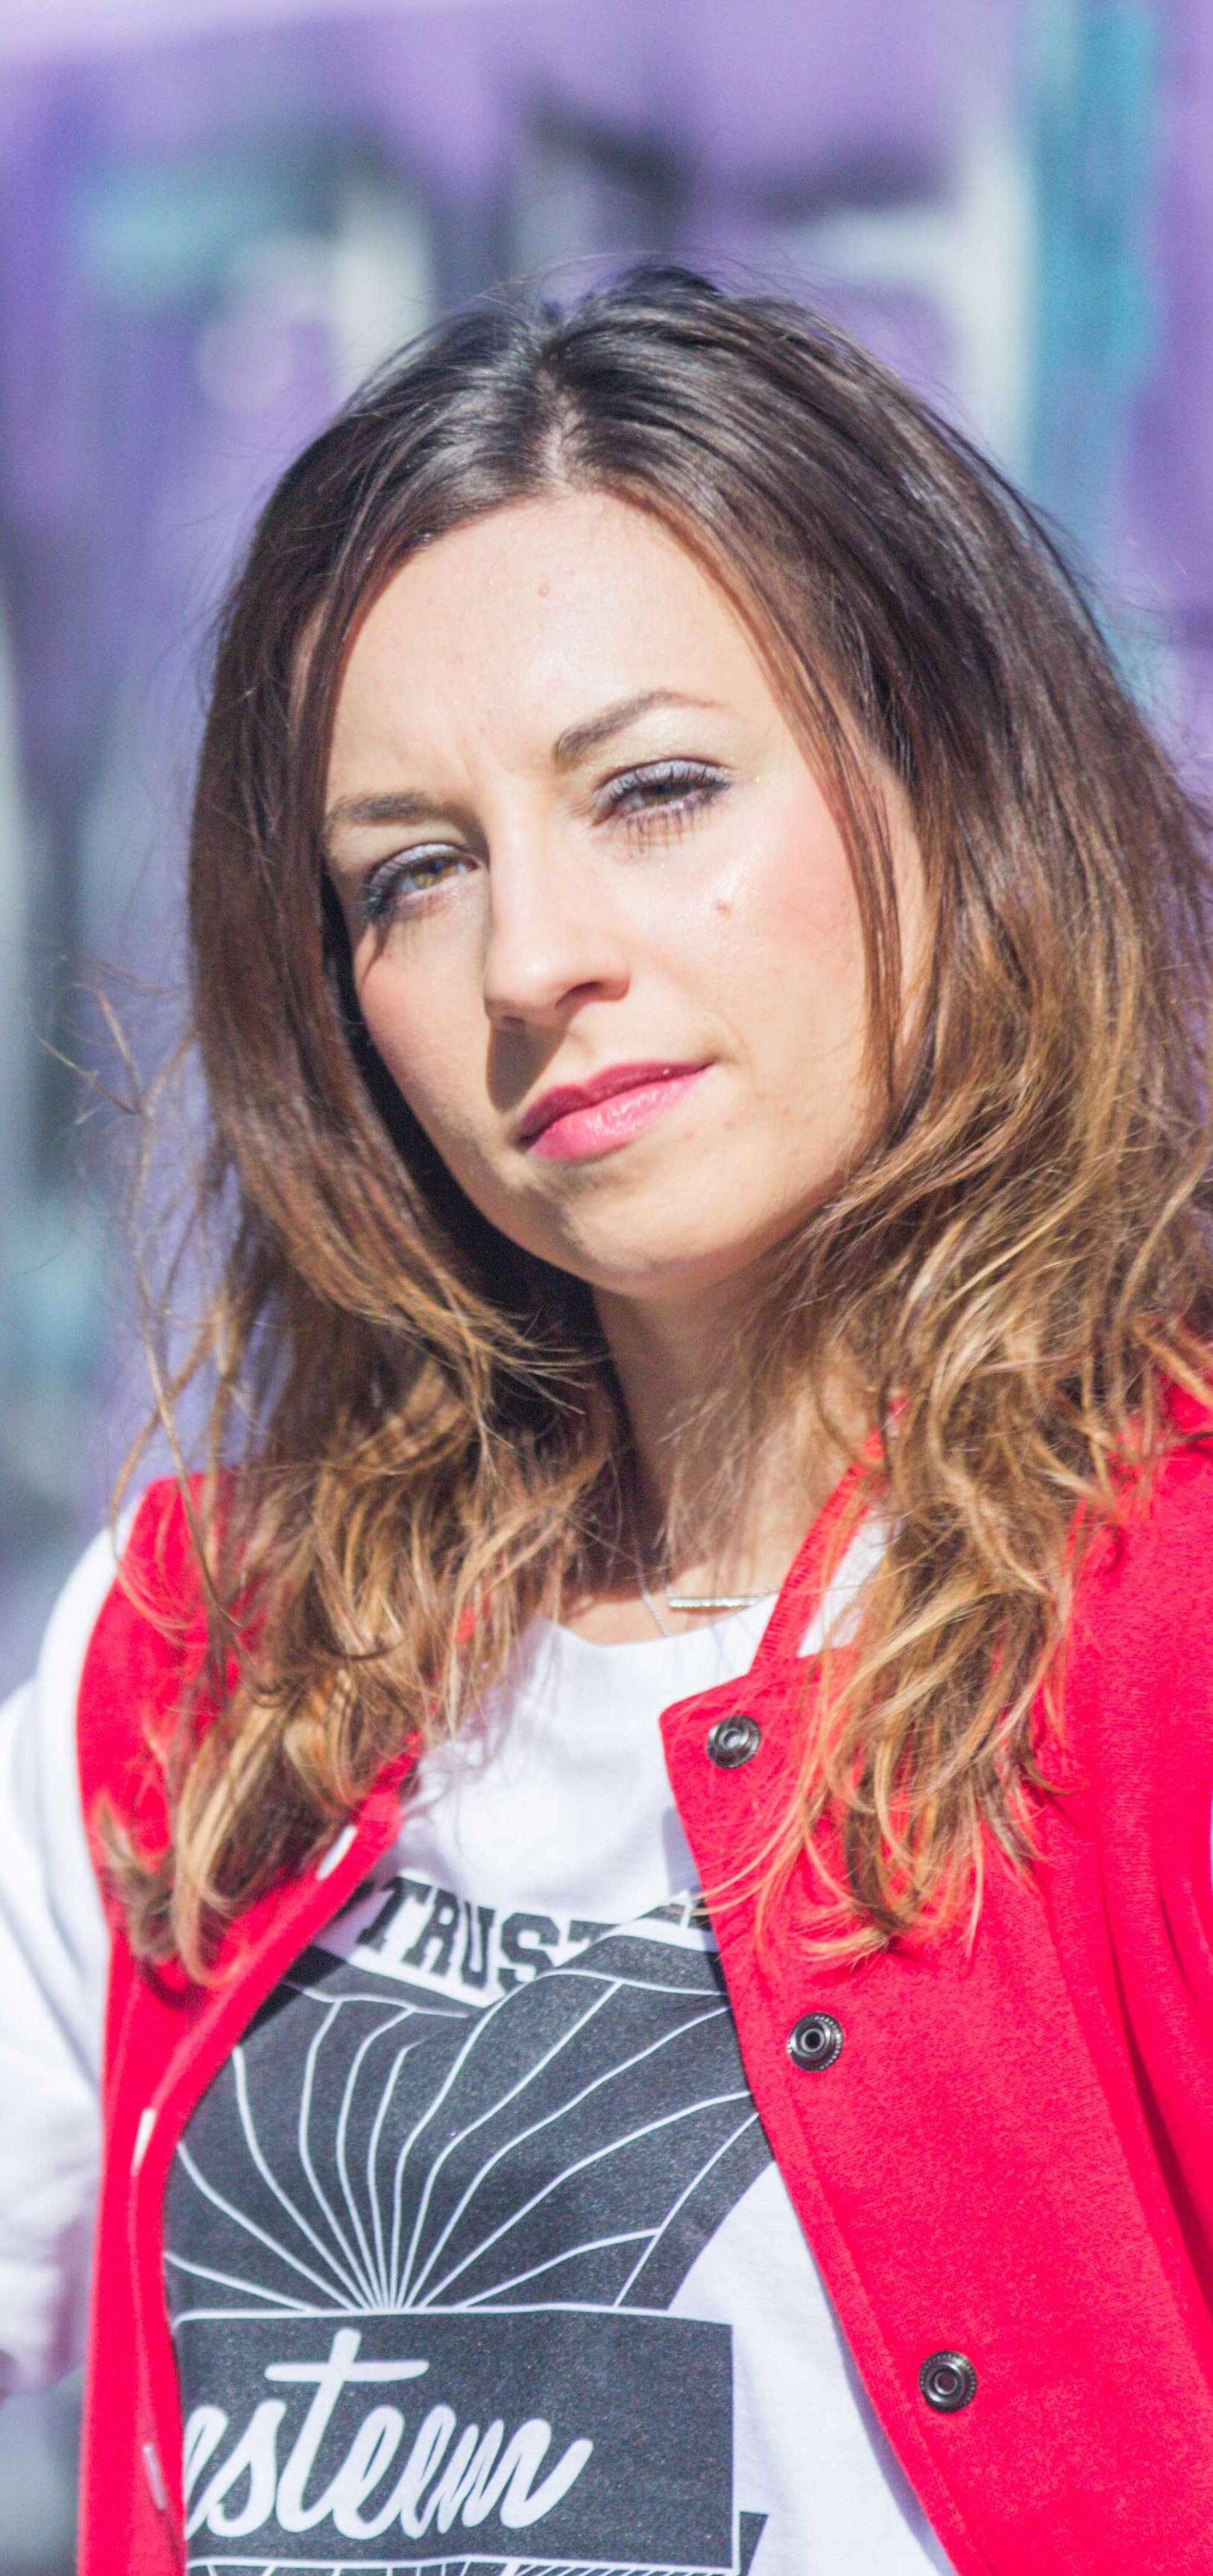 Pia Grohmann